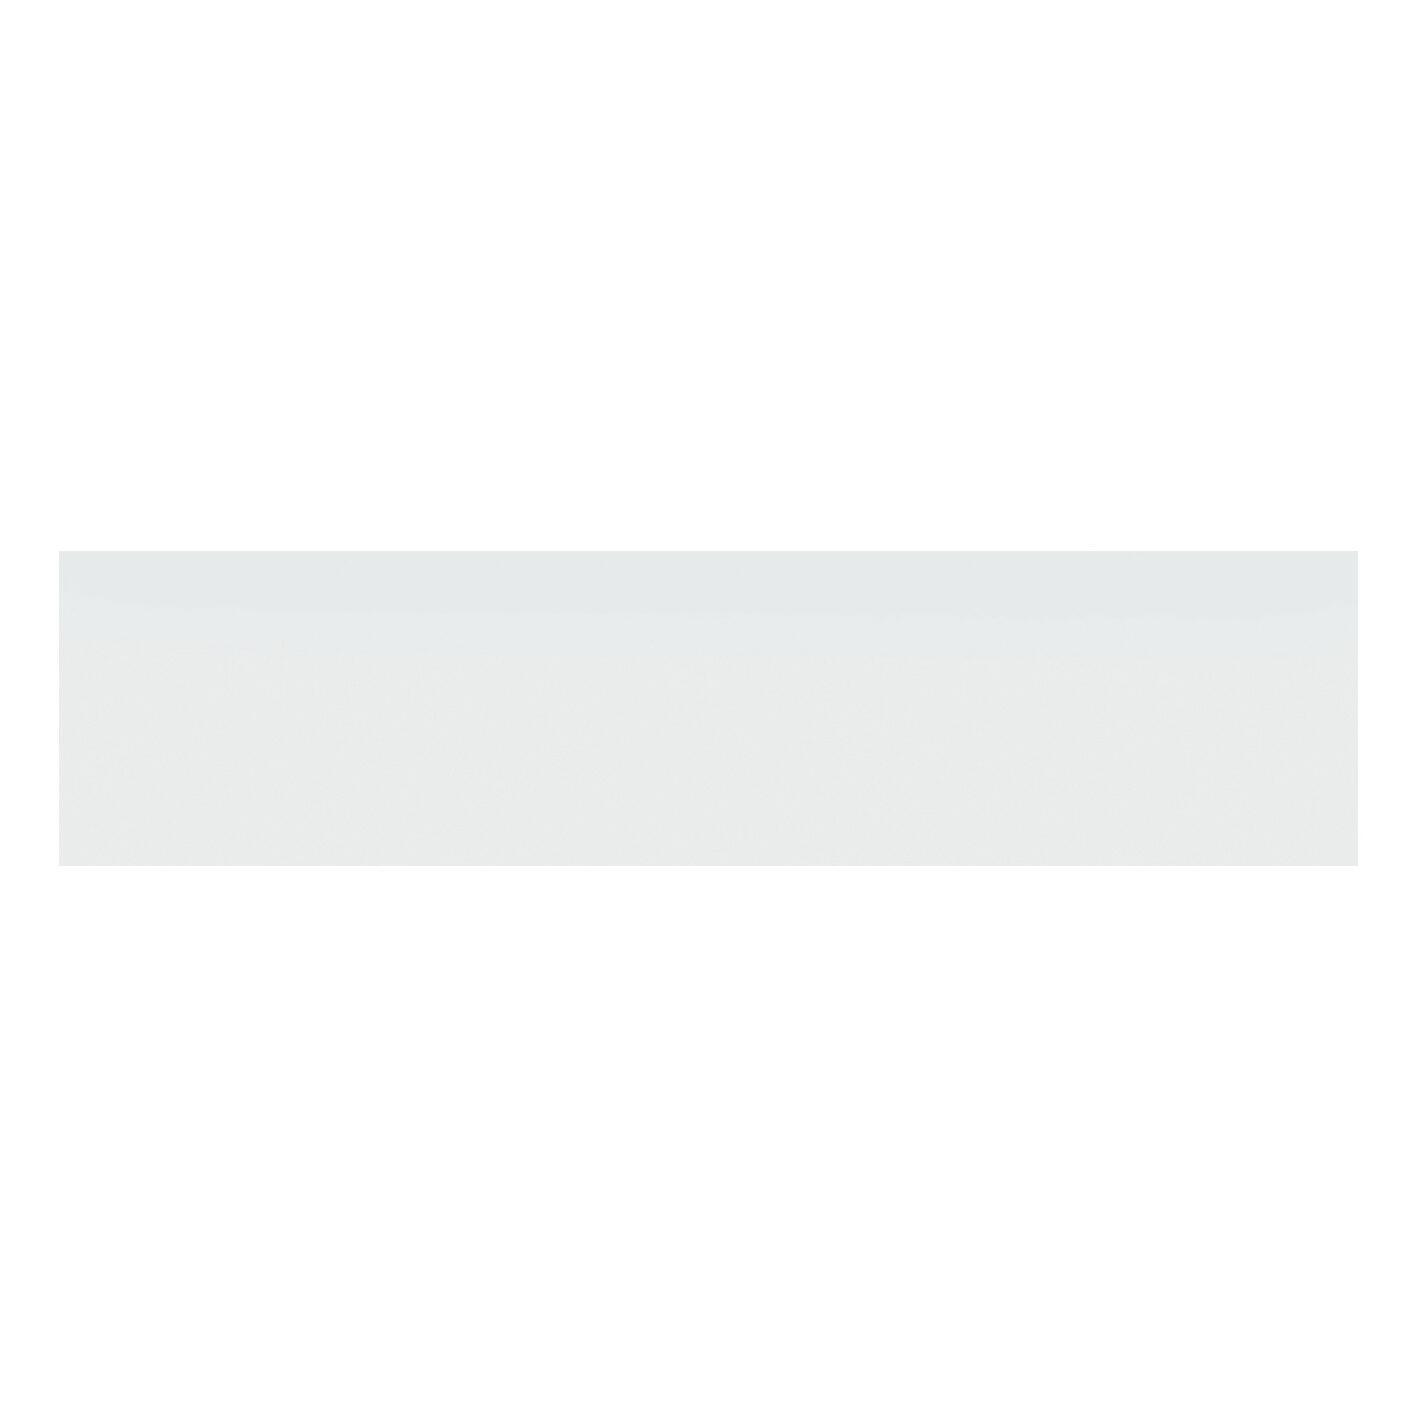 Battiscopa Matt H 8 x L 33.3 cm bianco